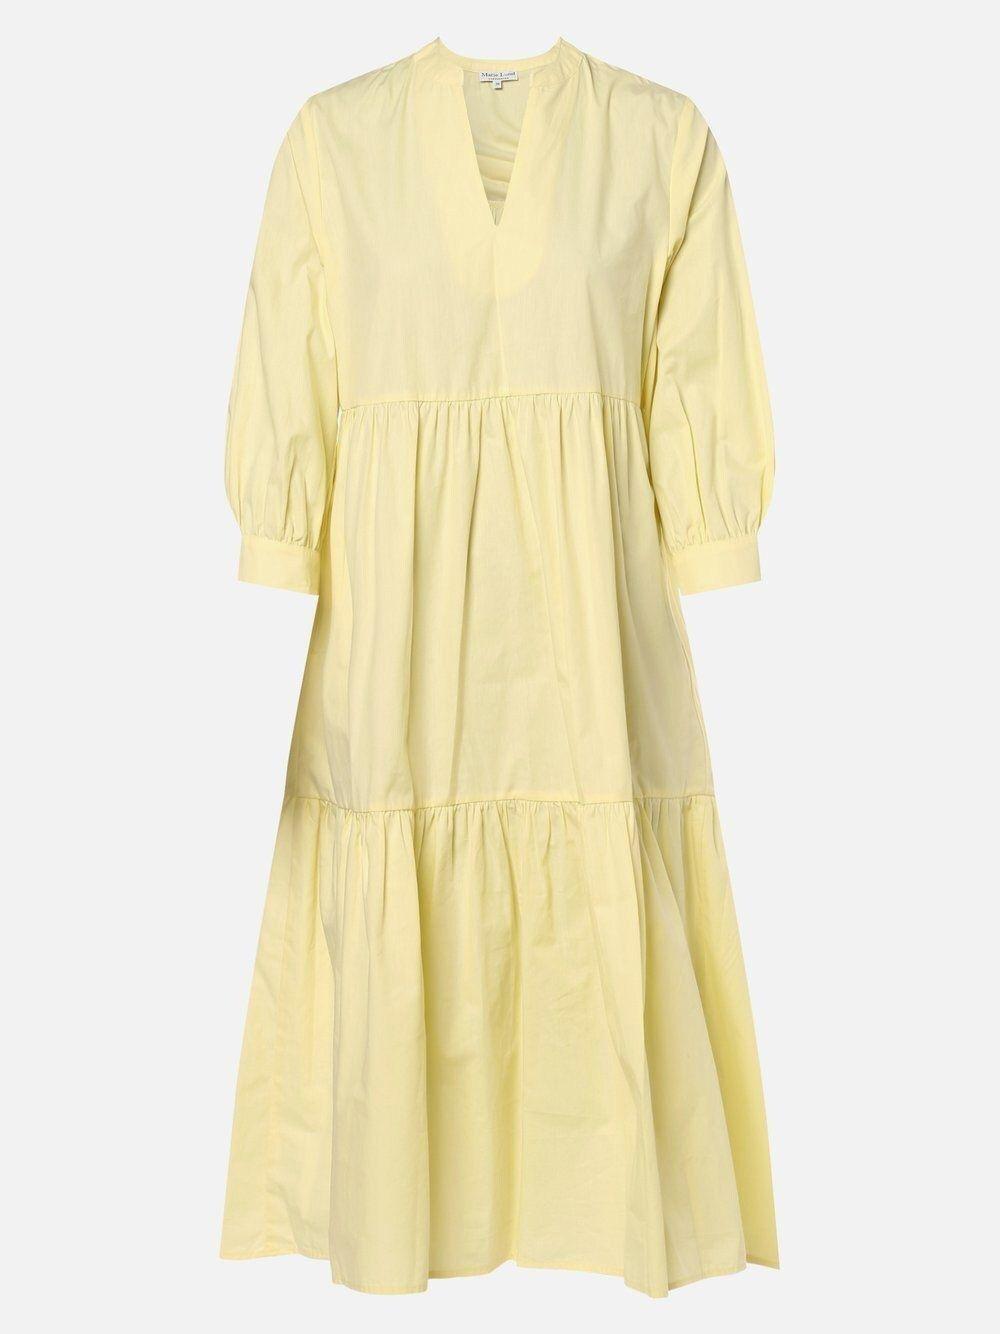 Marie lund kleid gelb in 13  Fashion, Short sleeve dresses